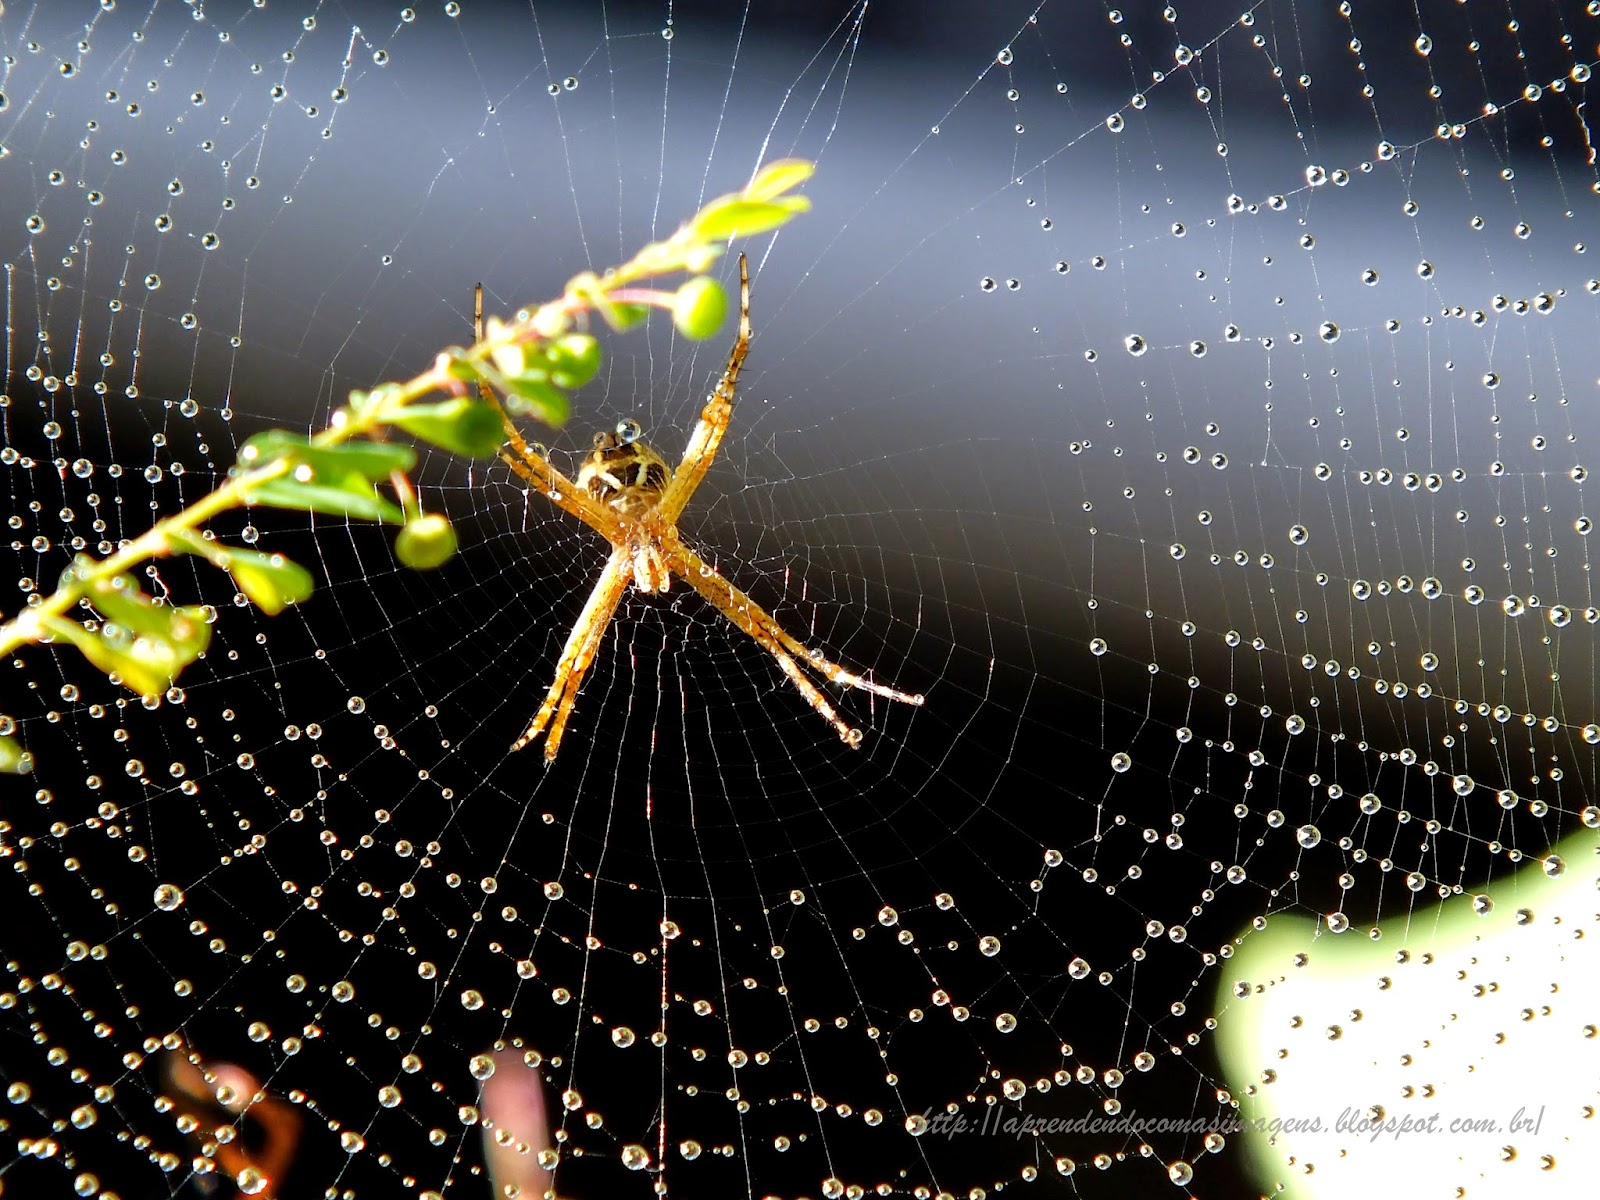 """""""Na Biodiversidade, tento encontrar uma evasão de um labirinto  cujo o qual, faz com que meus sentimentos exalam em meu humilde olhar,  a essência da Vida""""  """" A ausência, pode parecer presente,  mas a lembrança eterniza  em cada período deste Amanhã até ao Por do Sol"""" - http:/aprendendocomaasimagens.blogspot.com/2014/09/nossa-existência-aprisionada-em-um-html"""